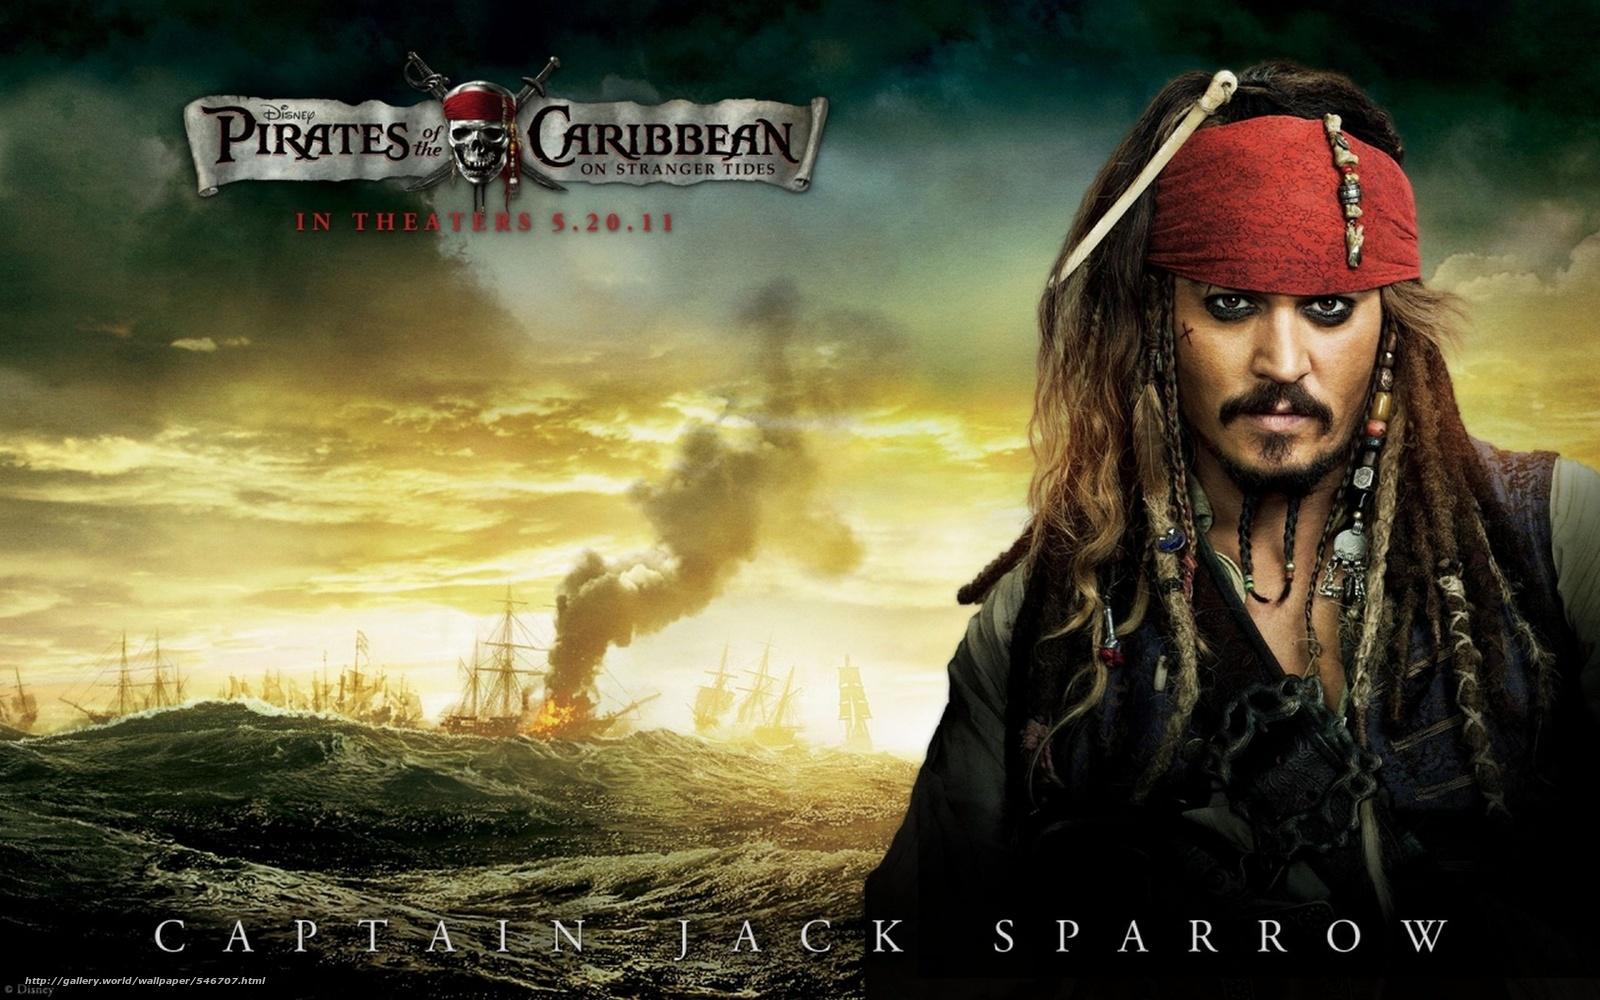 Descargar gratis Johnny Depp,  Piratas del Caribe,  Johnny Depp,  Piratas del Caribe Fondos de escritorio en la resolucin 2560x1600 — imagen №546707